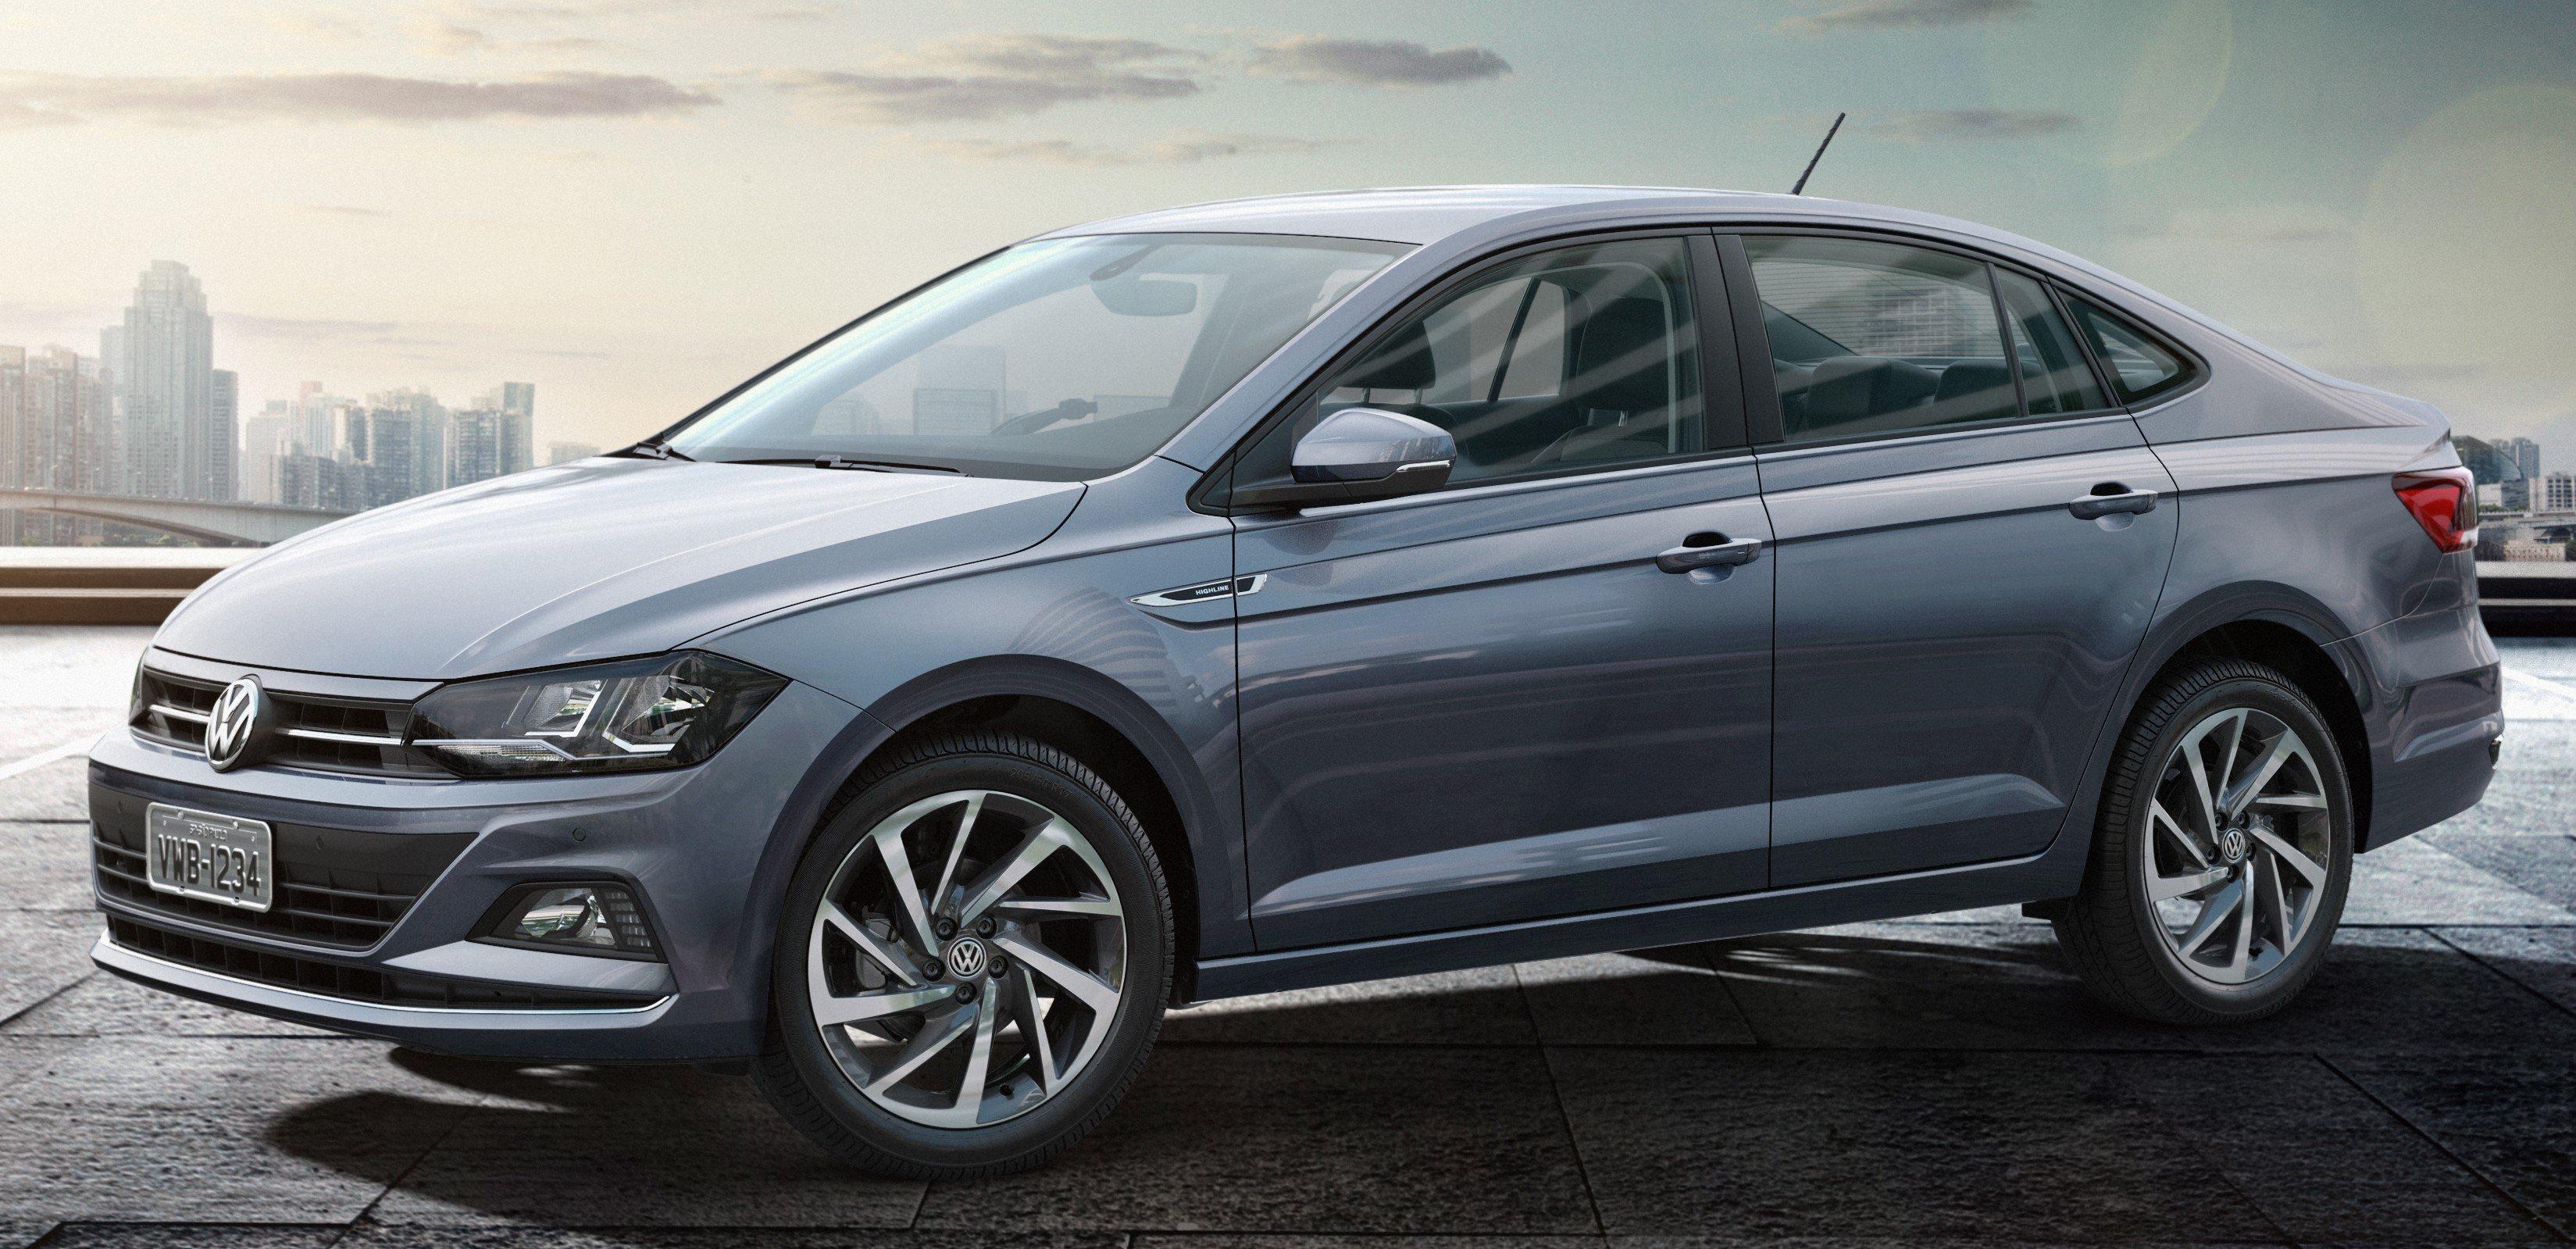 Volkswagen Virtus Highline é eleito a melhor compra entre todos os carros de seu preço no Brasil